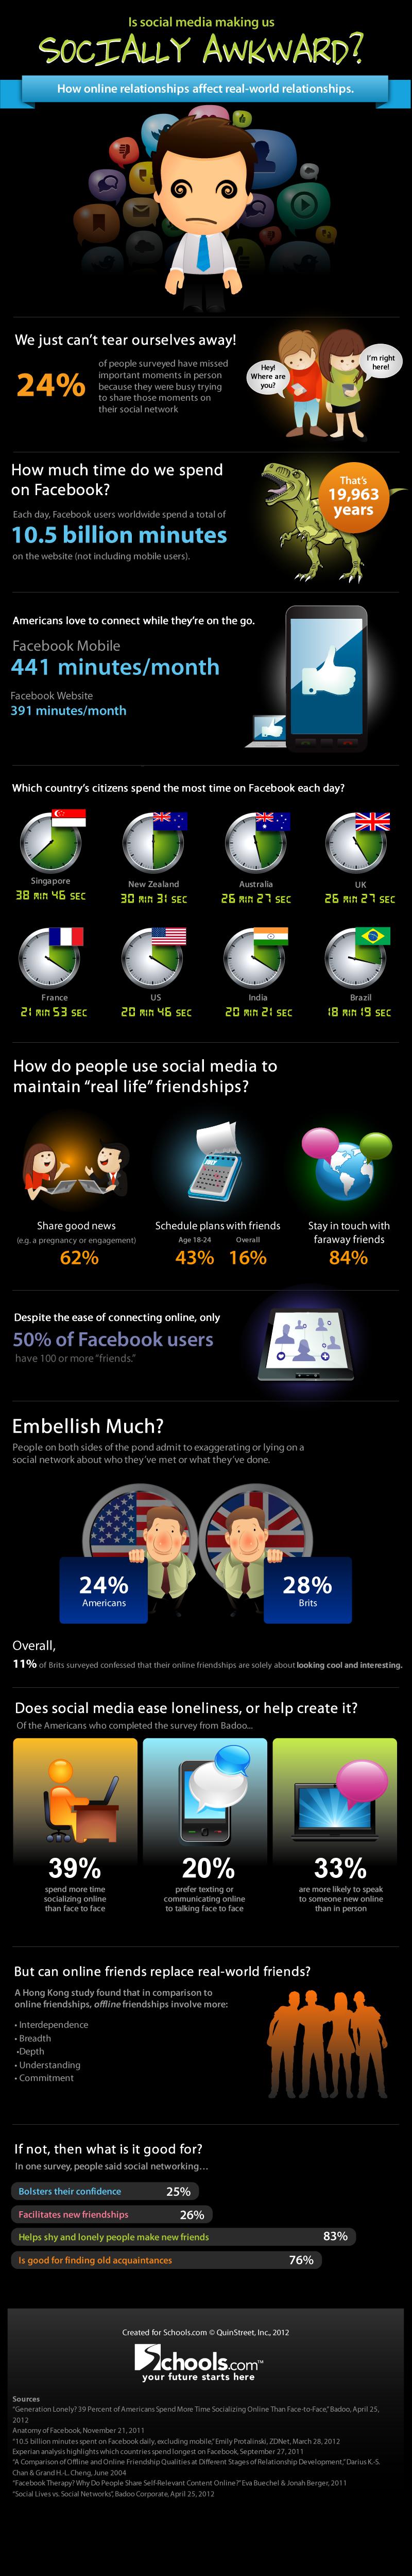 l'impact des réseaux sociaux sur la vie sociale